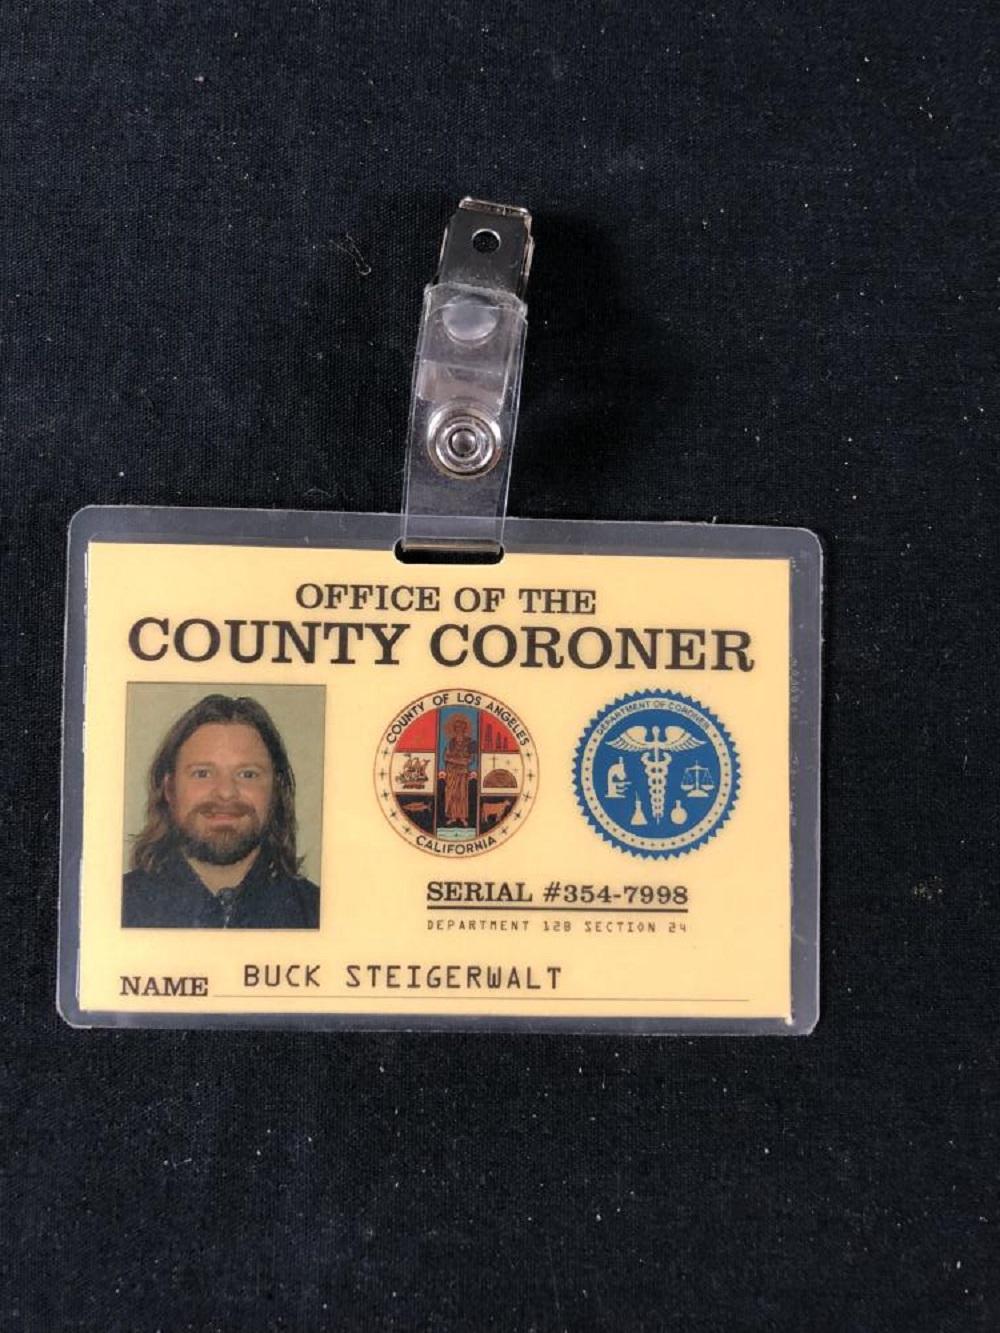 Employee of the Month (2004) - Steve Zahn Coroner Badge